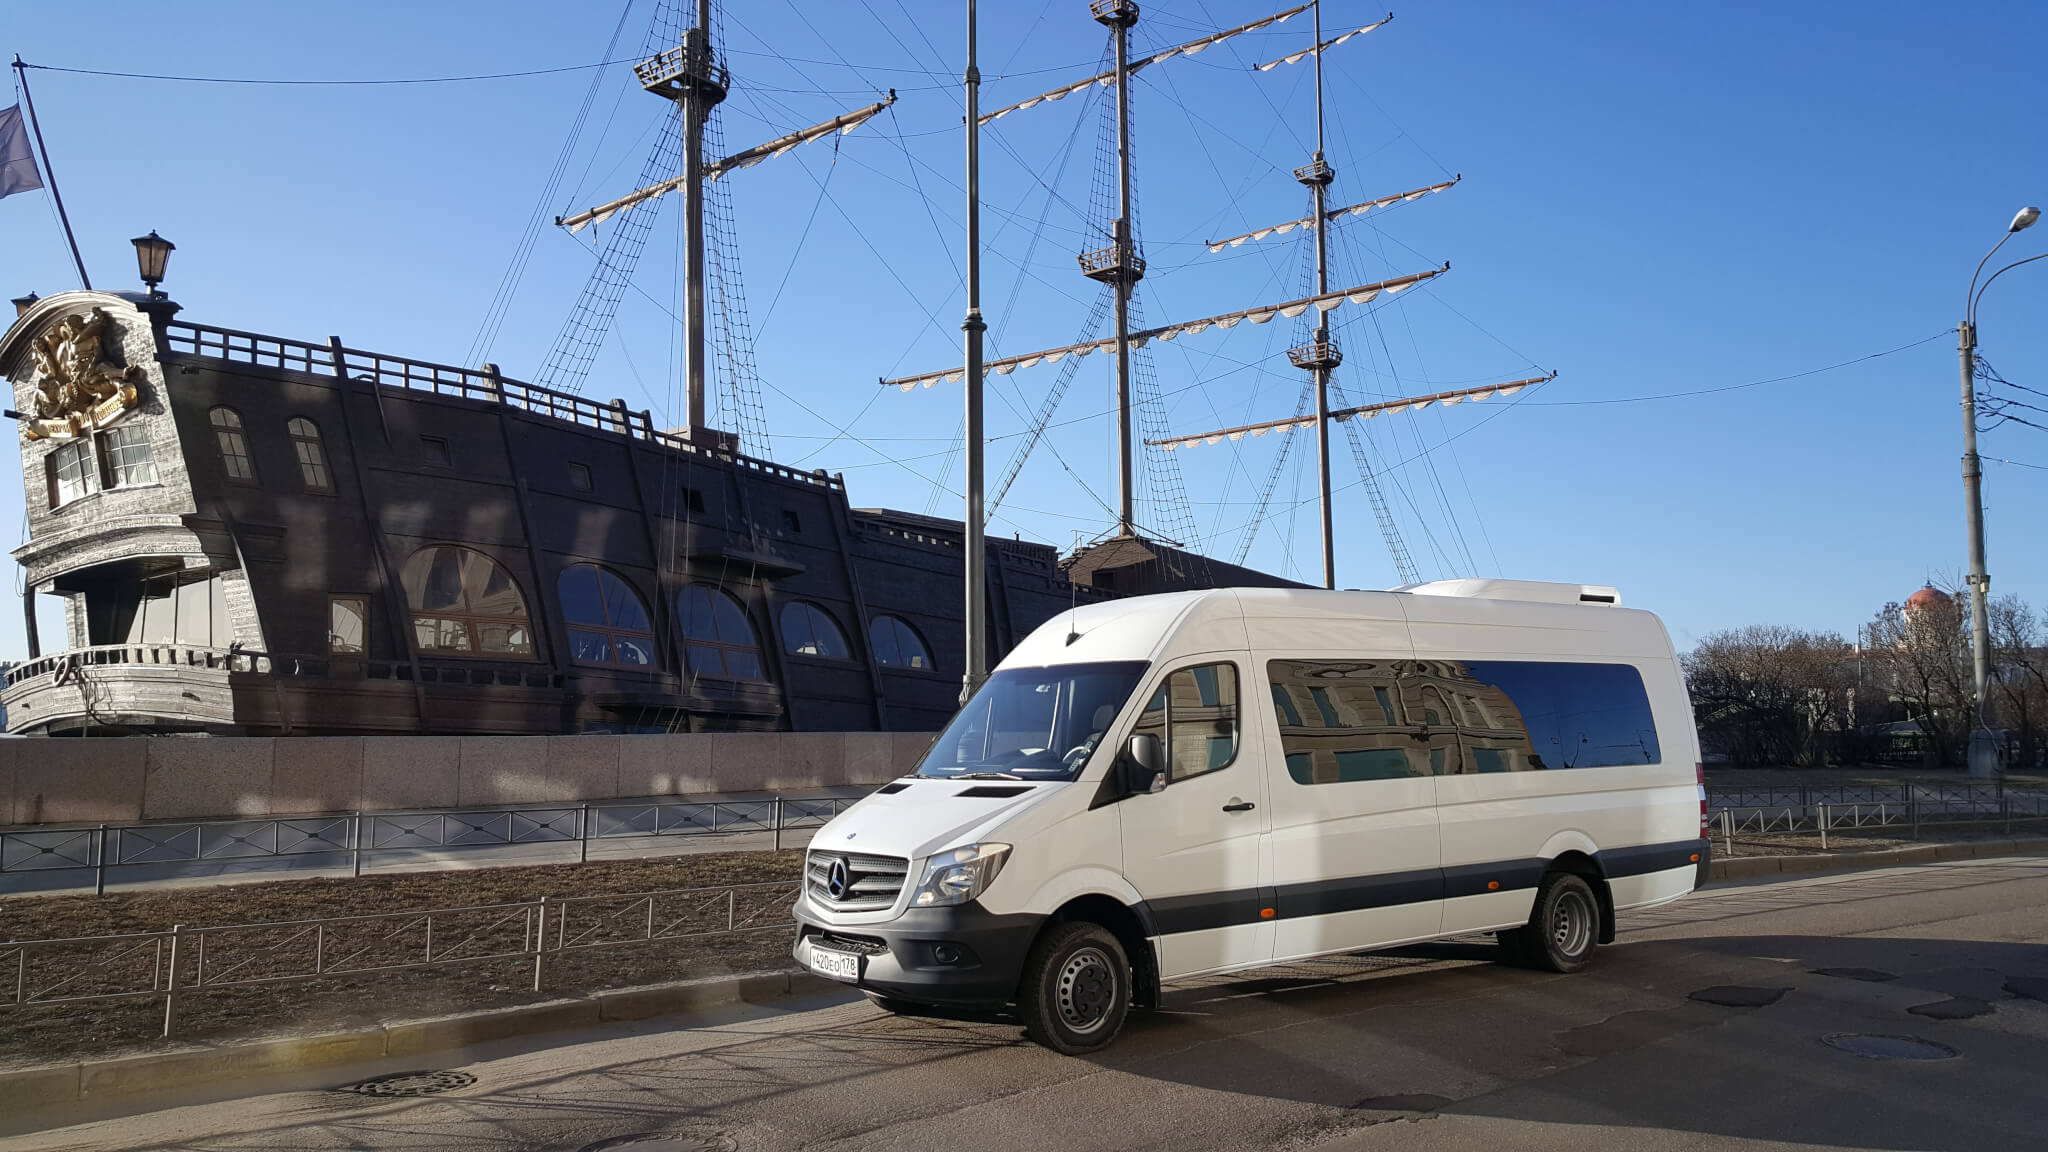 Аренда микроавтобуса в Санкт-Петербурге